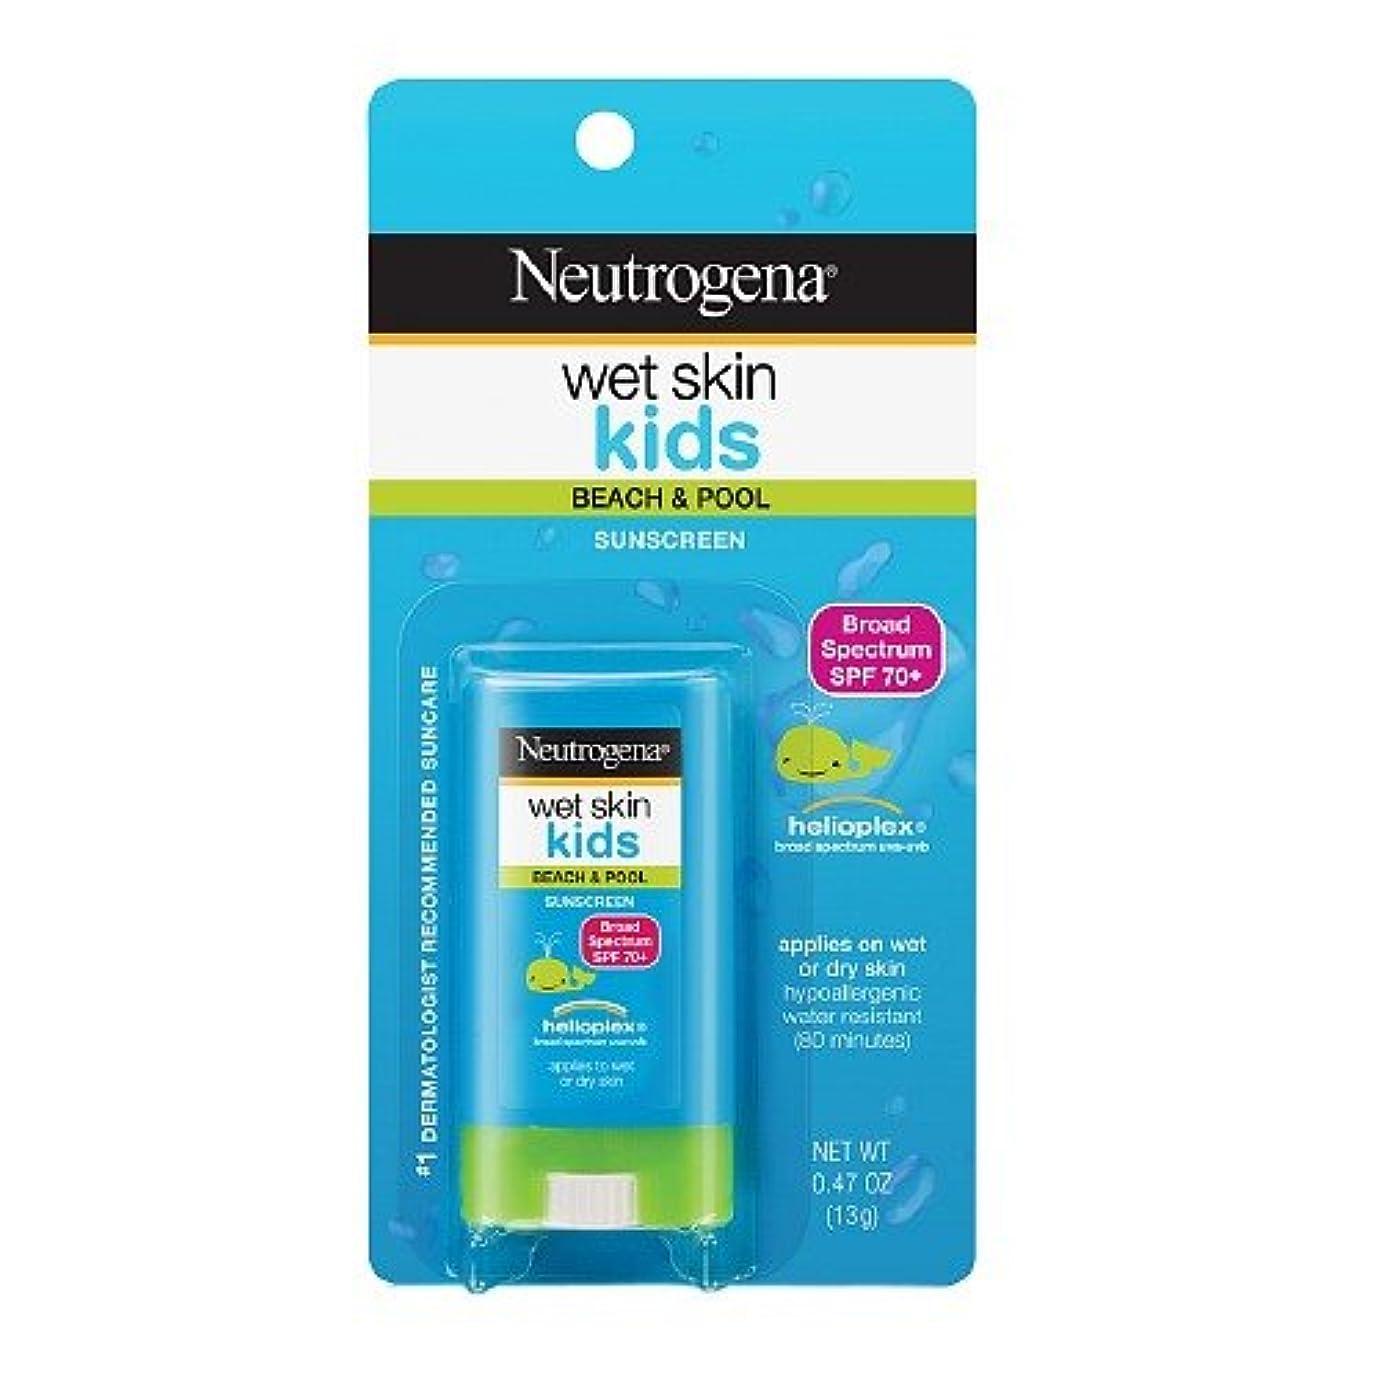 信頼性のあるボーナス最もNeutrogena ニュートロジーナオイル無ウェットスキンキッズ日焼け止めスティック SPF70 13g 並行輸入品